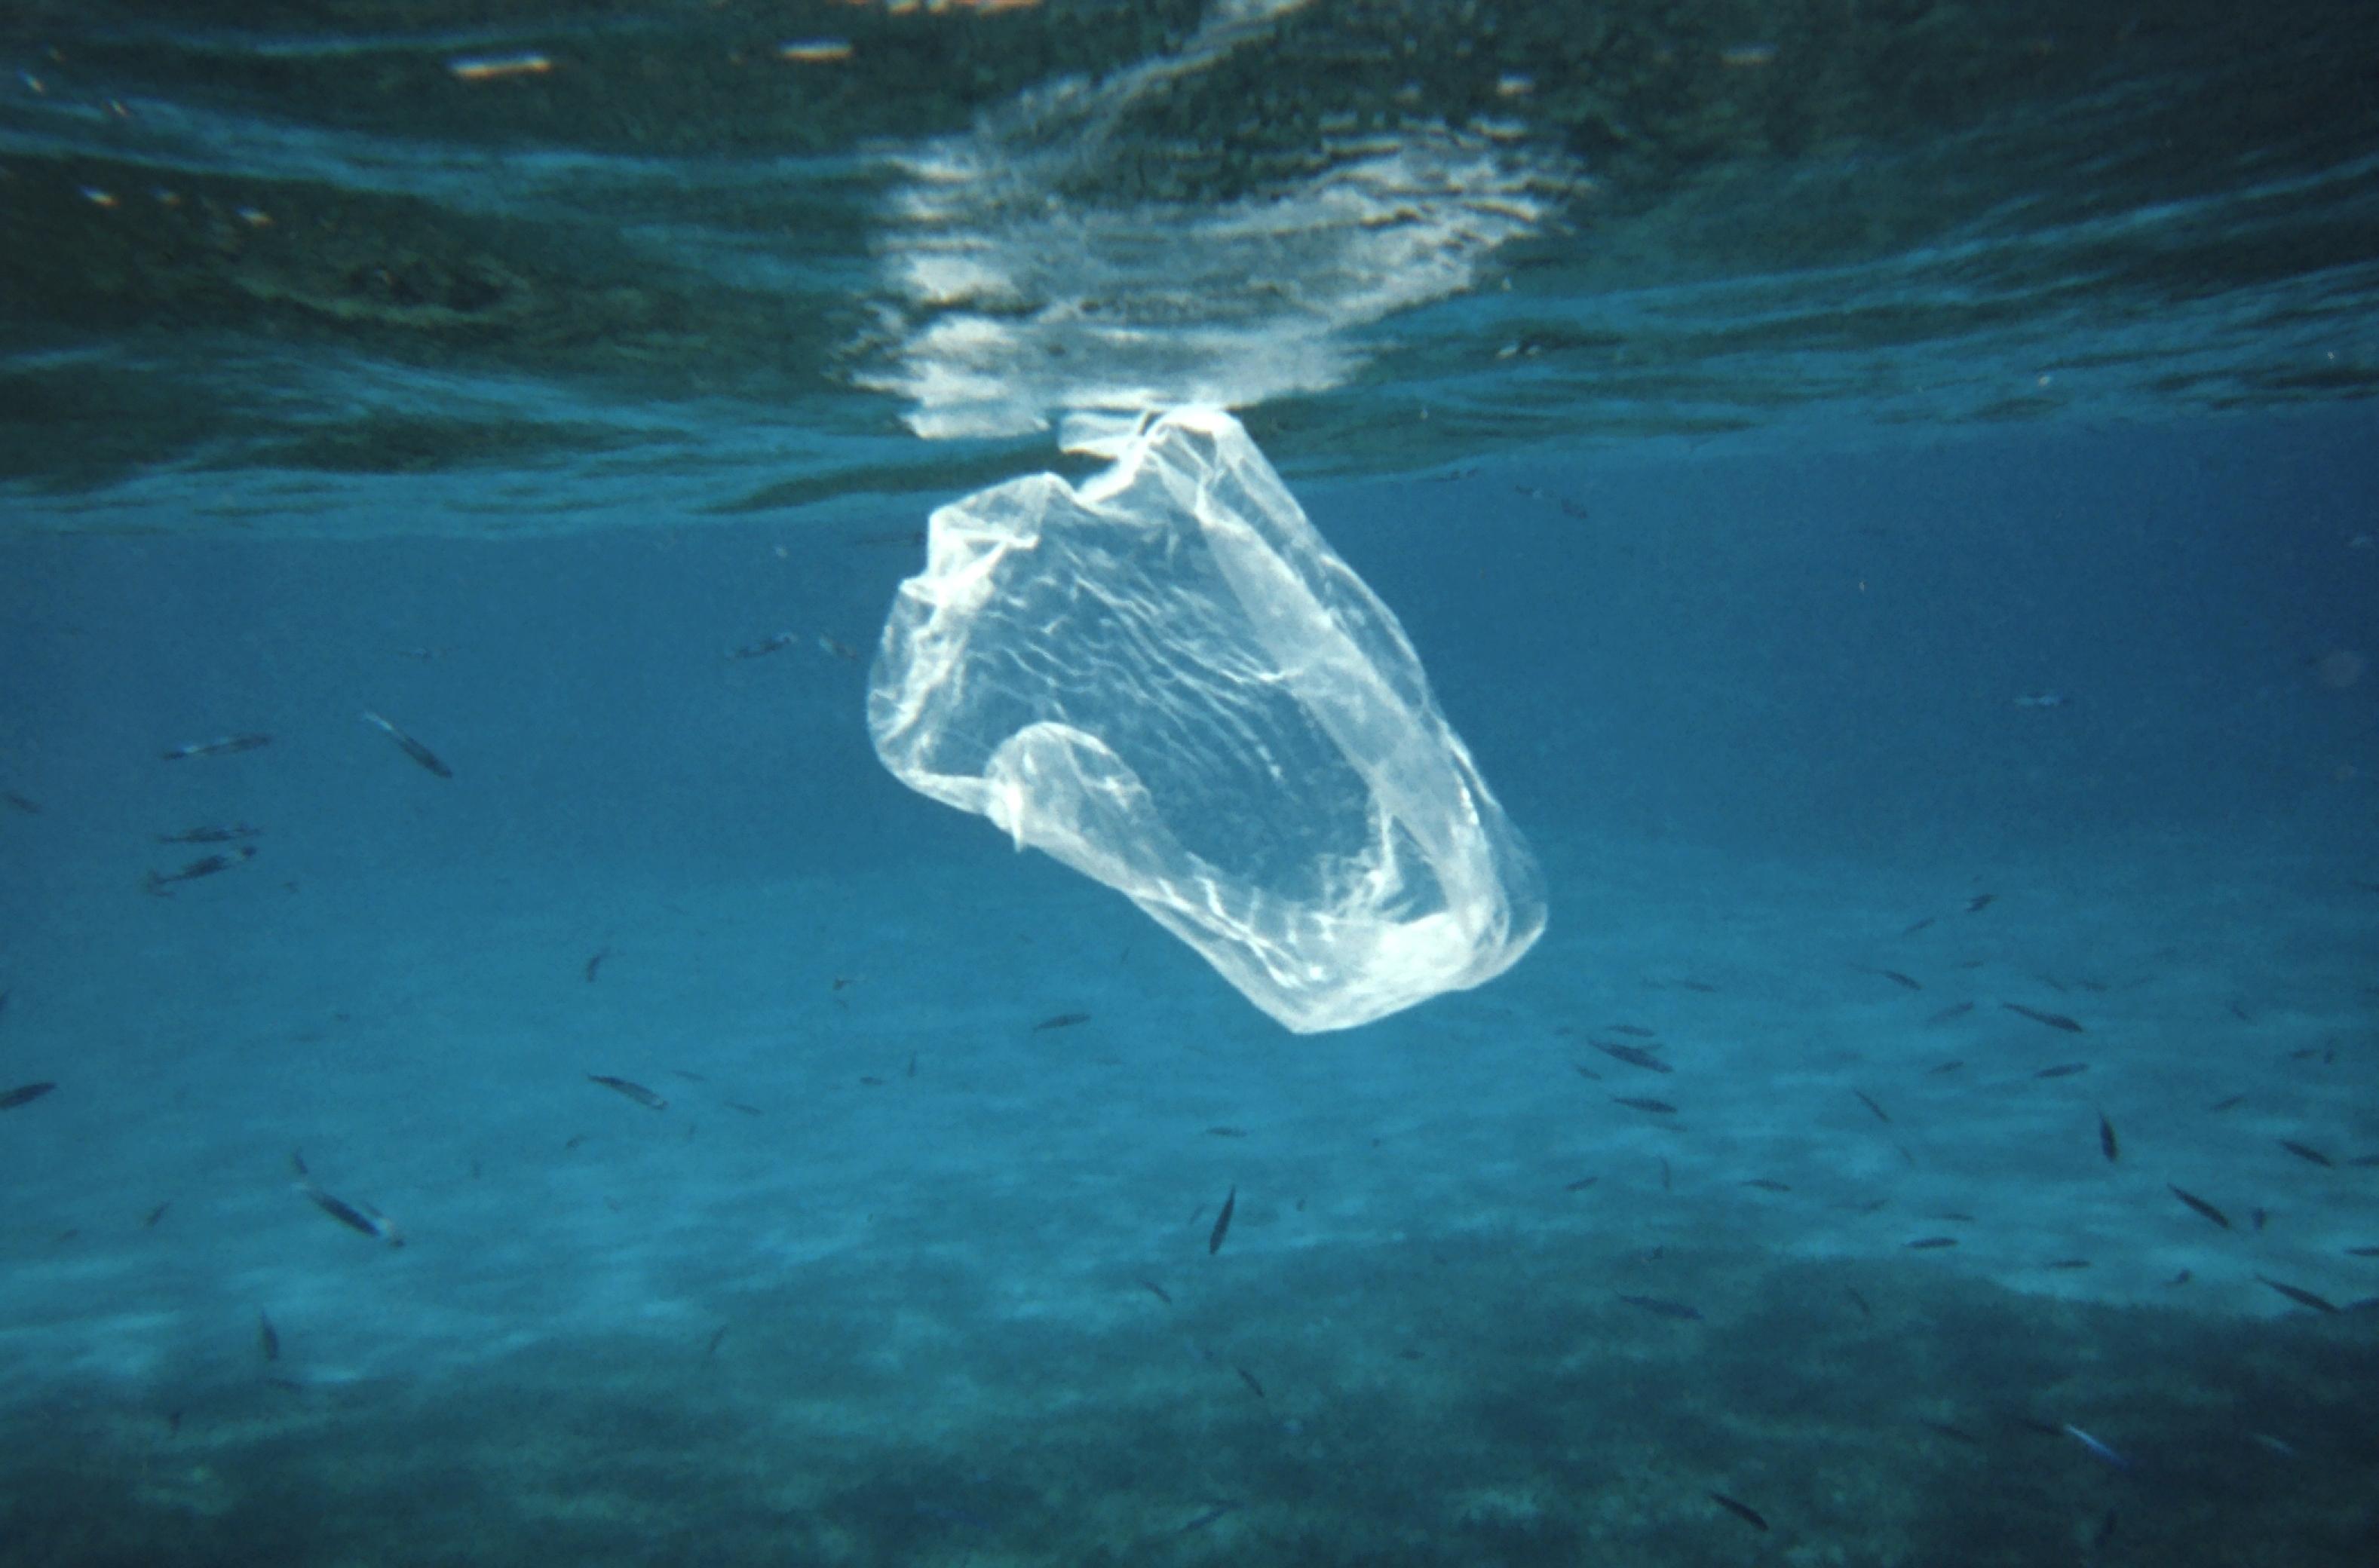 Factcheck: 'Iedere minuut belandt er een vrachtwagenlading plastic in zee'